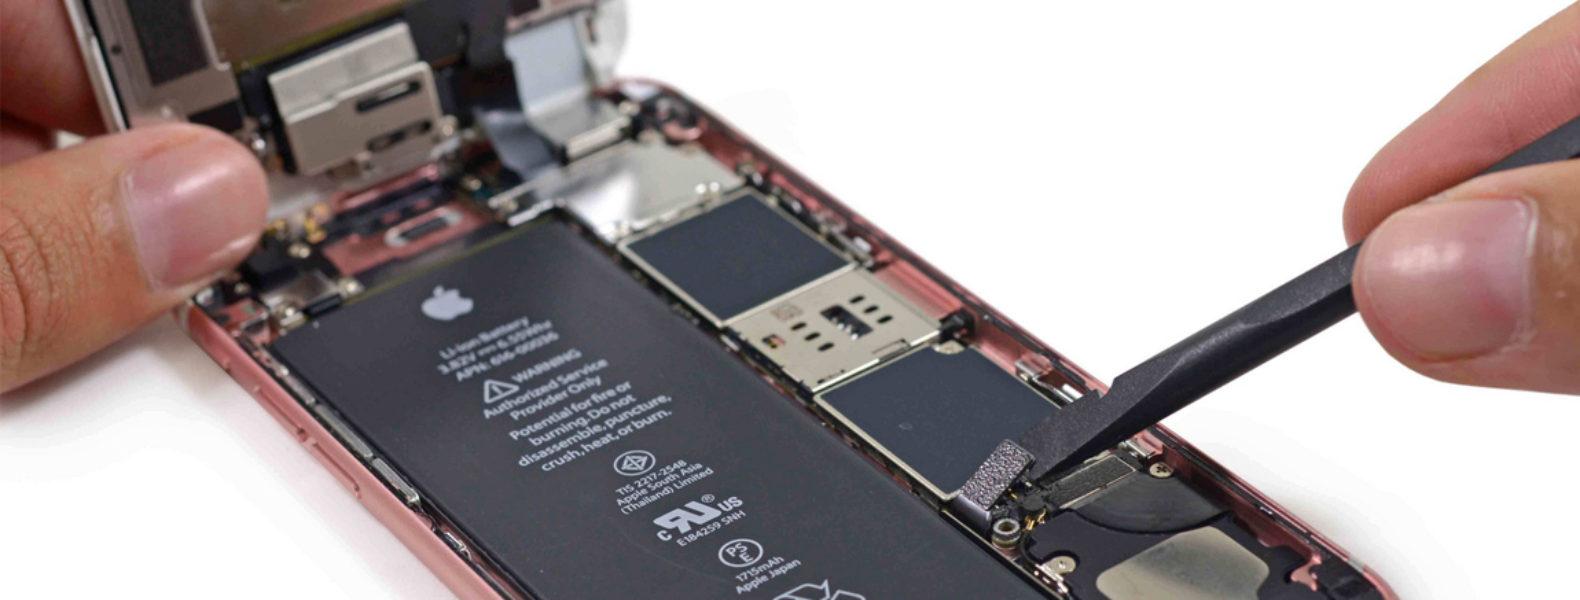 Что делать если смартфон упал в воду_Что делать при попадании жидкости в телефон - ремонт смартфона